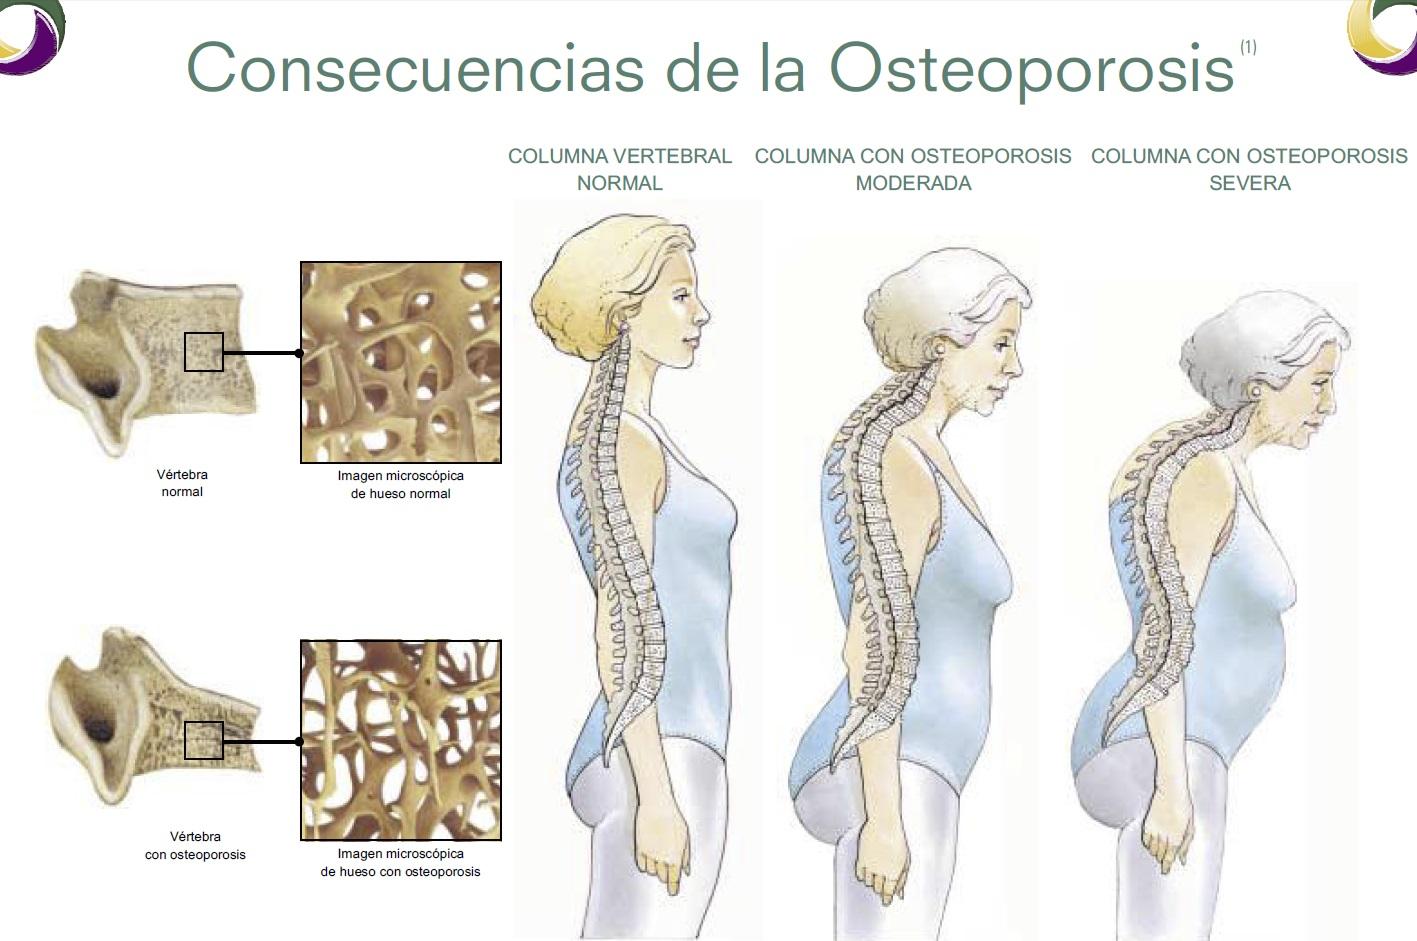 Como tratar la osteoporosis en la columna